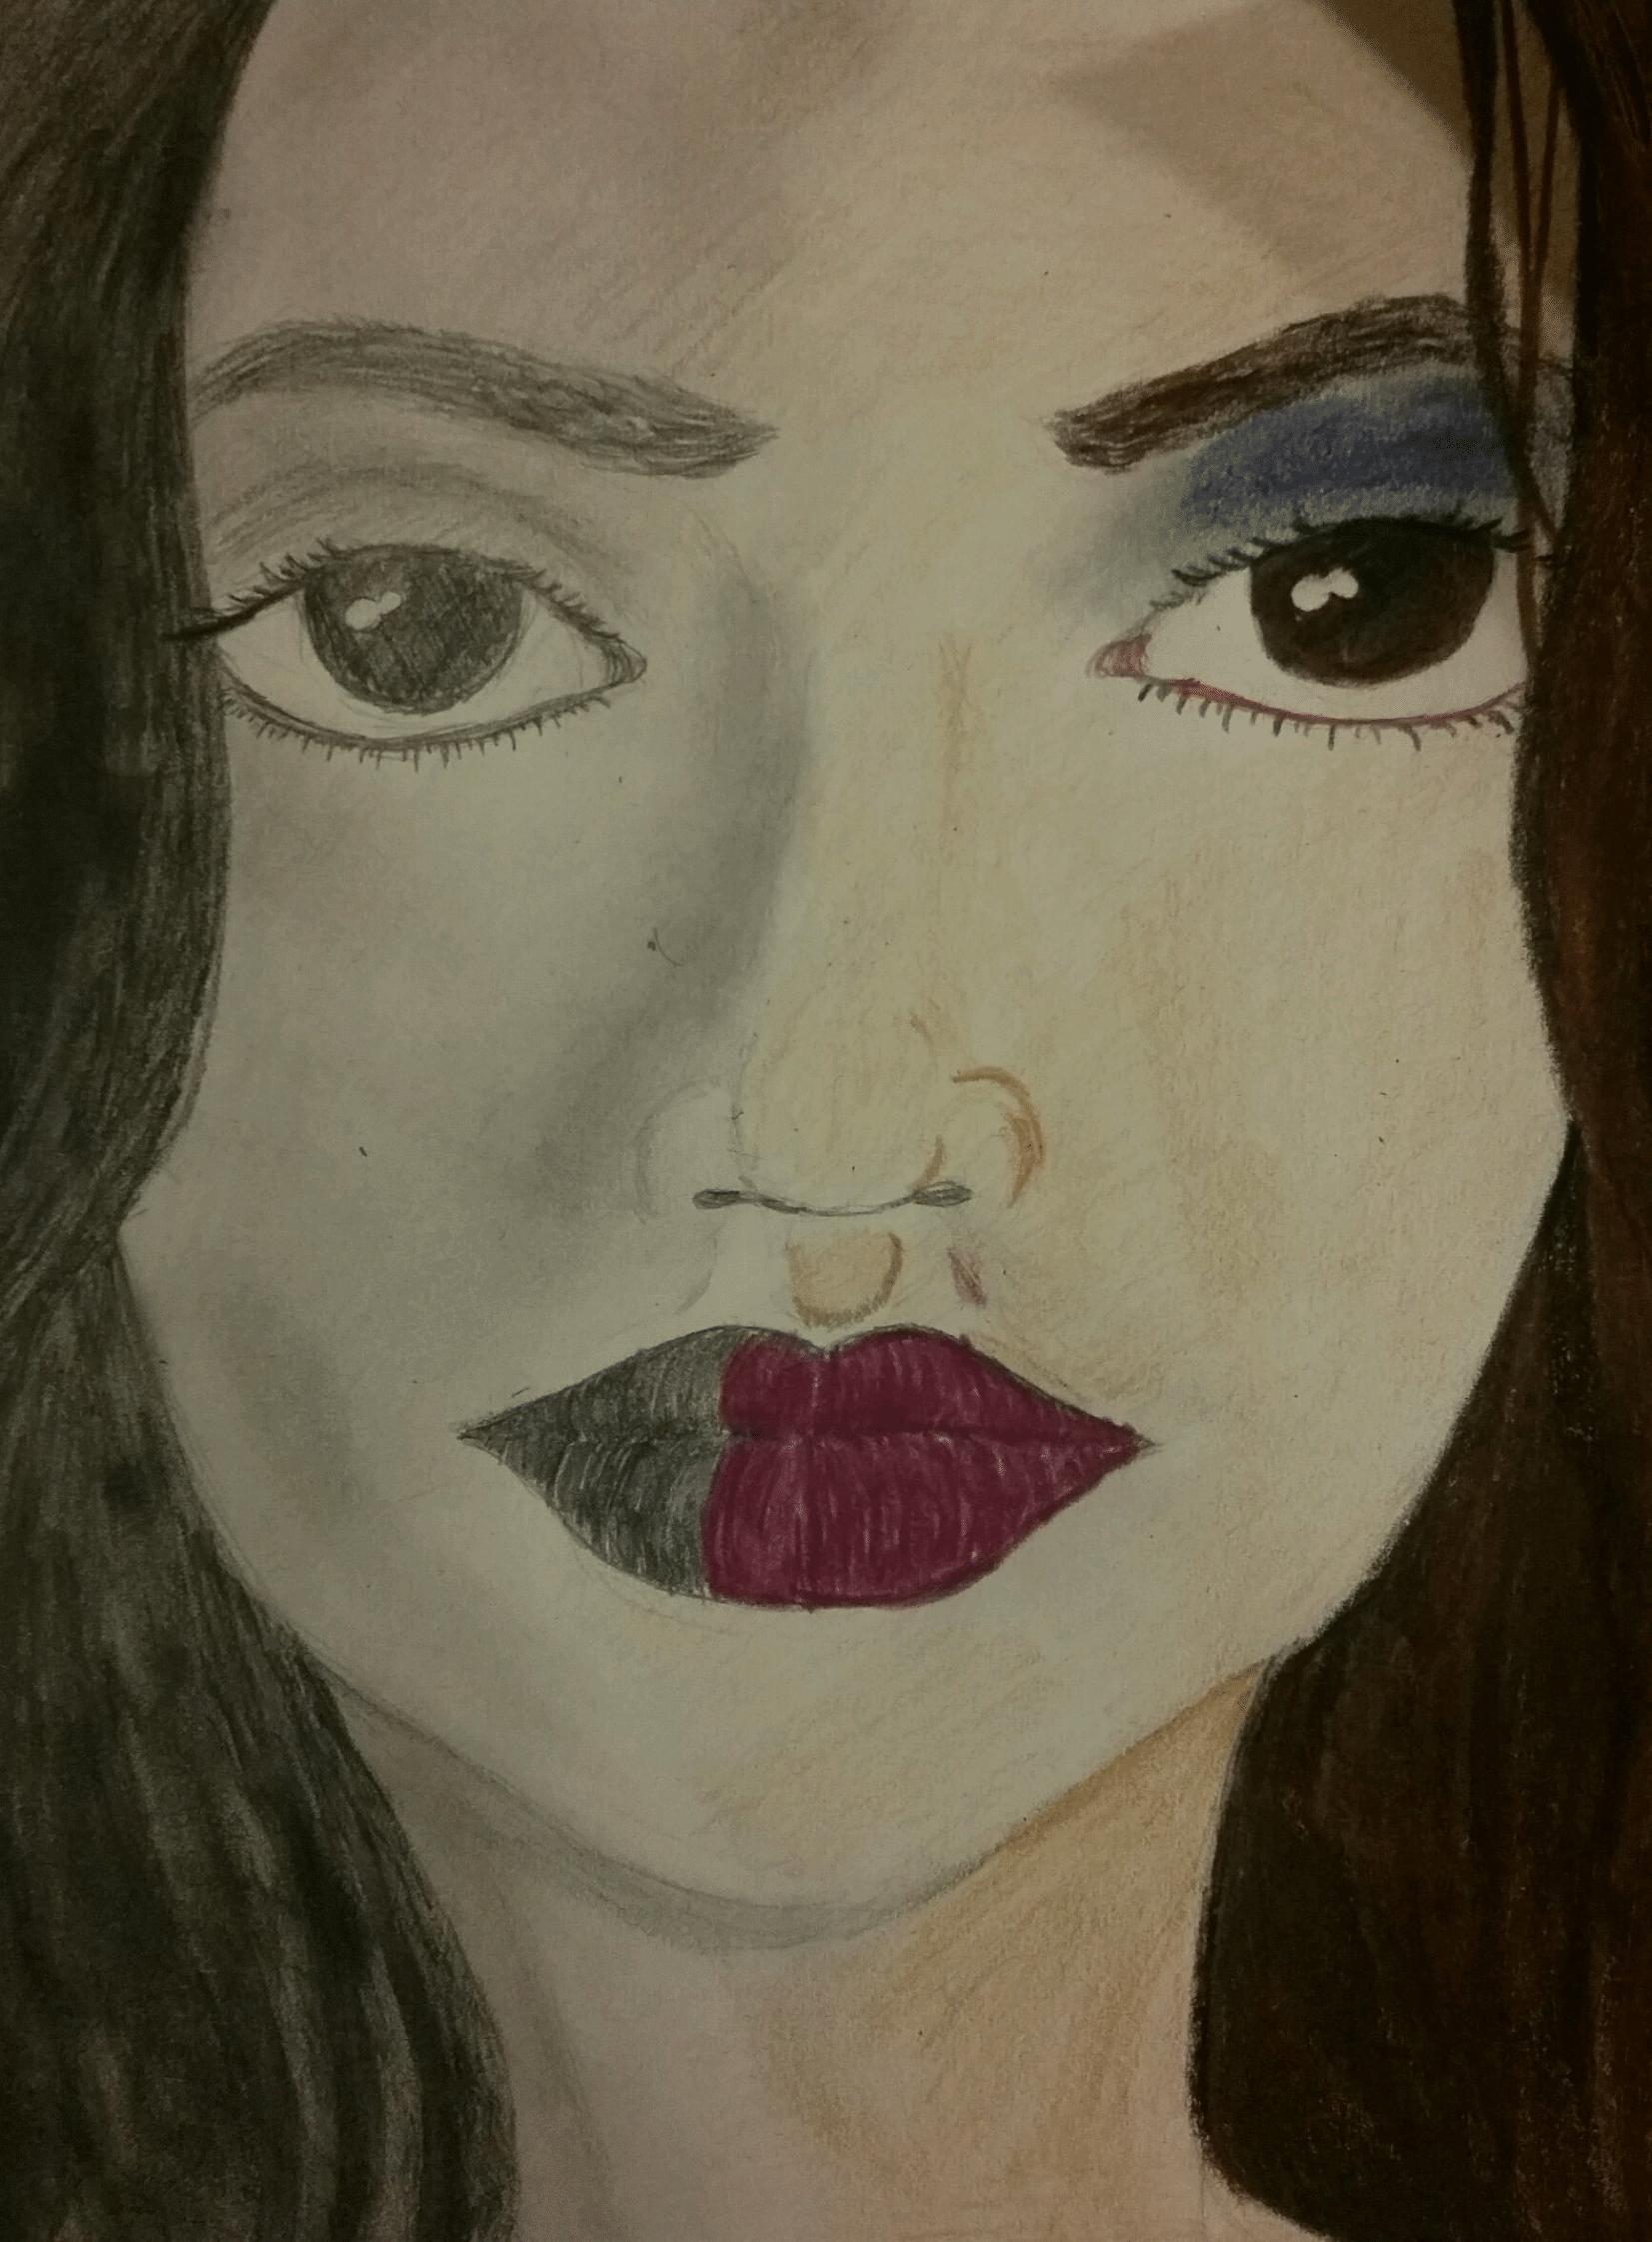 Art by Zandra